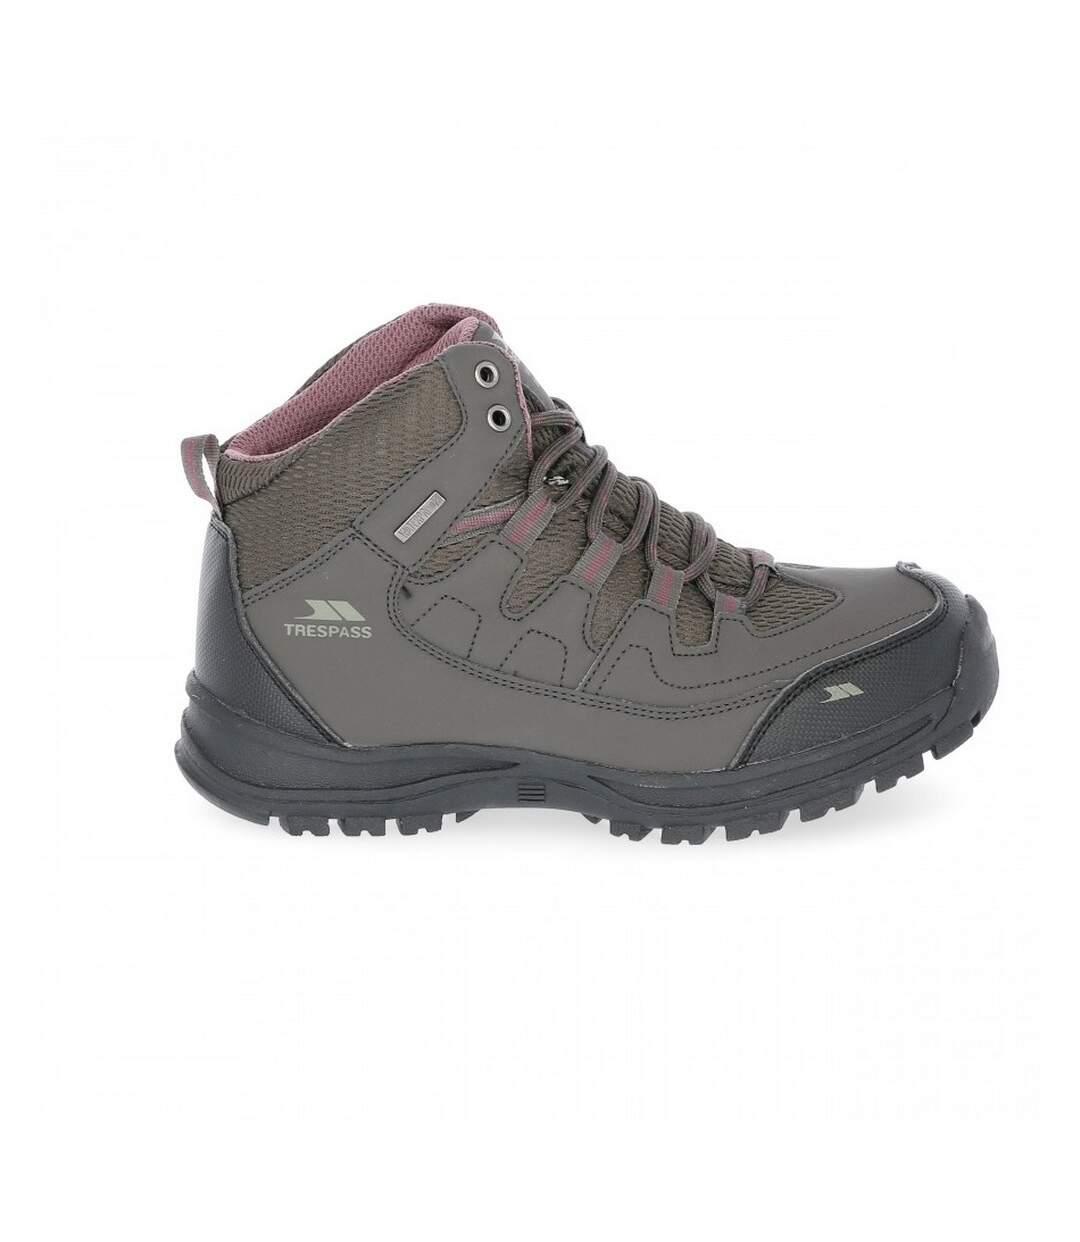 Grande Vente Trespass Chaussures De Randonnée Mitzi Femme Marron 38 FR UTTP3374 dsf.d455nksdKLFHG